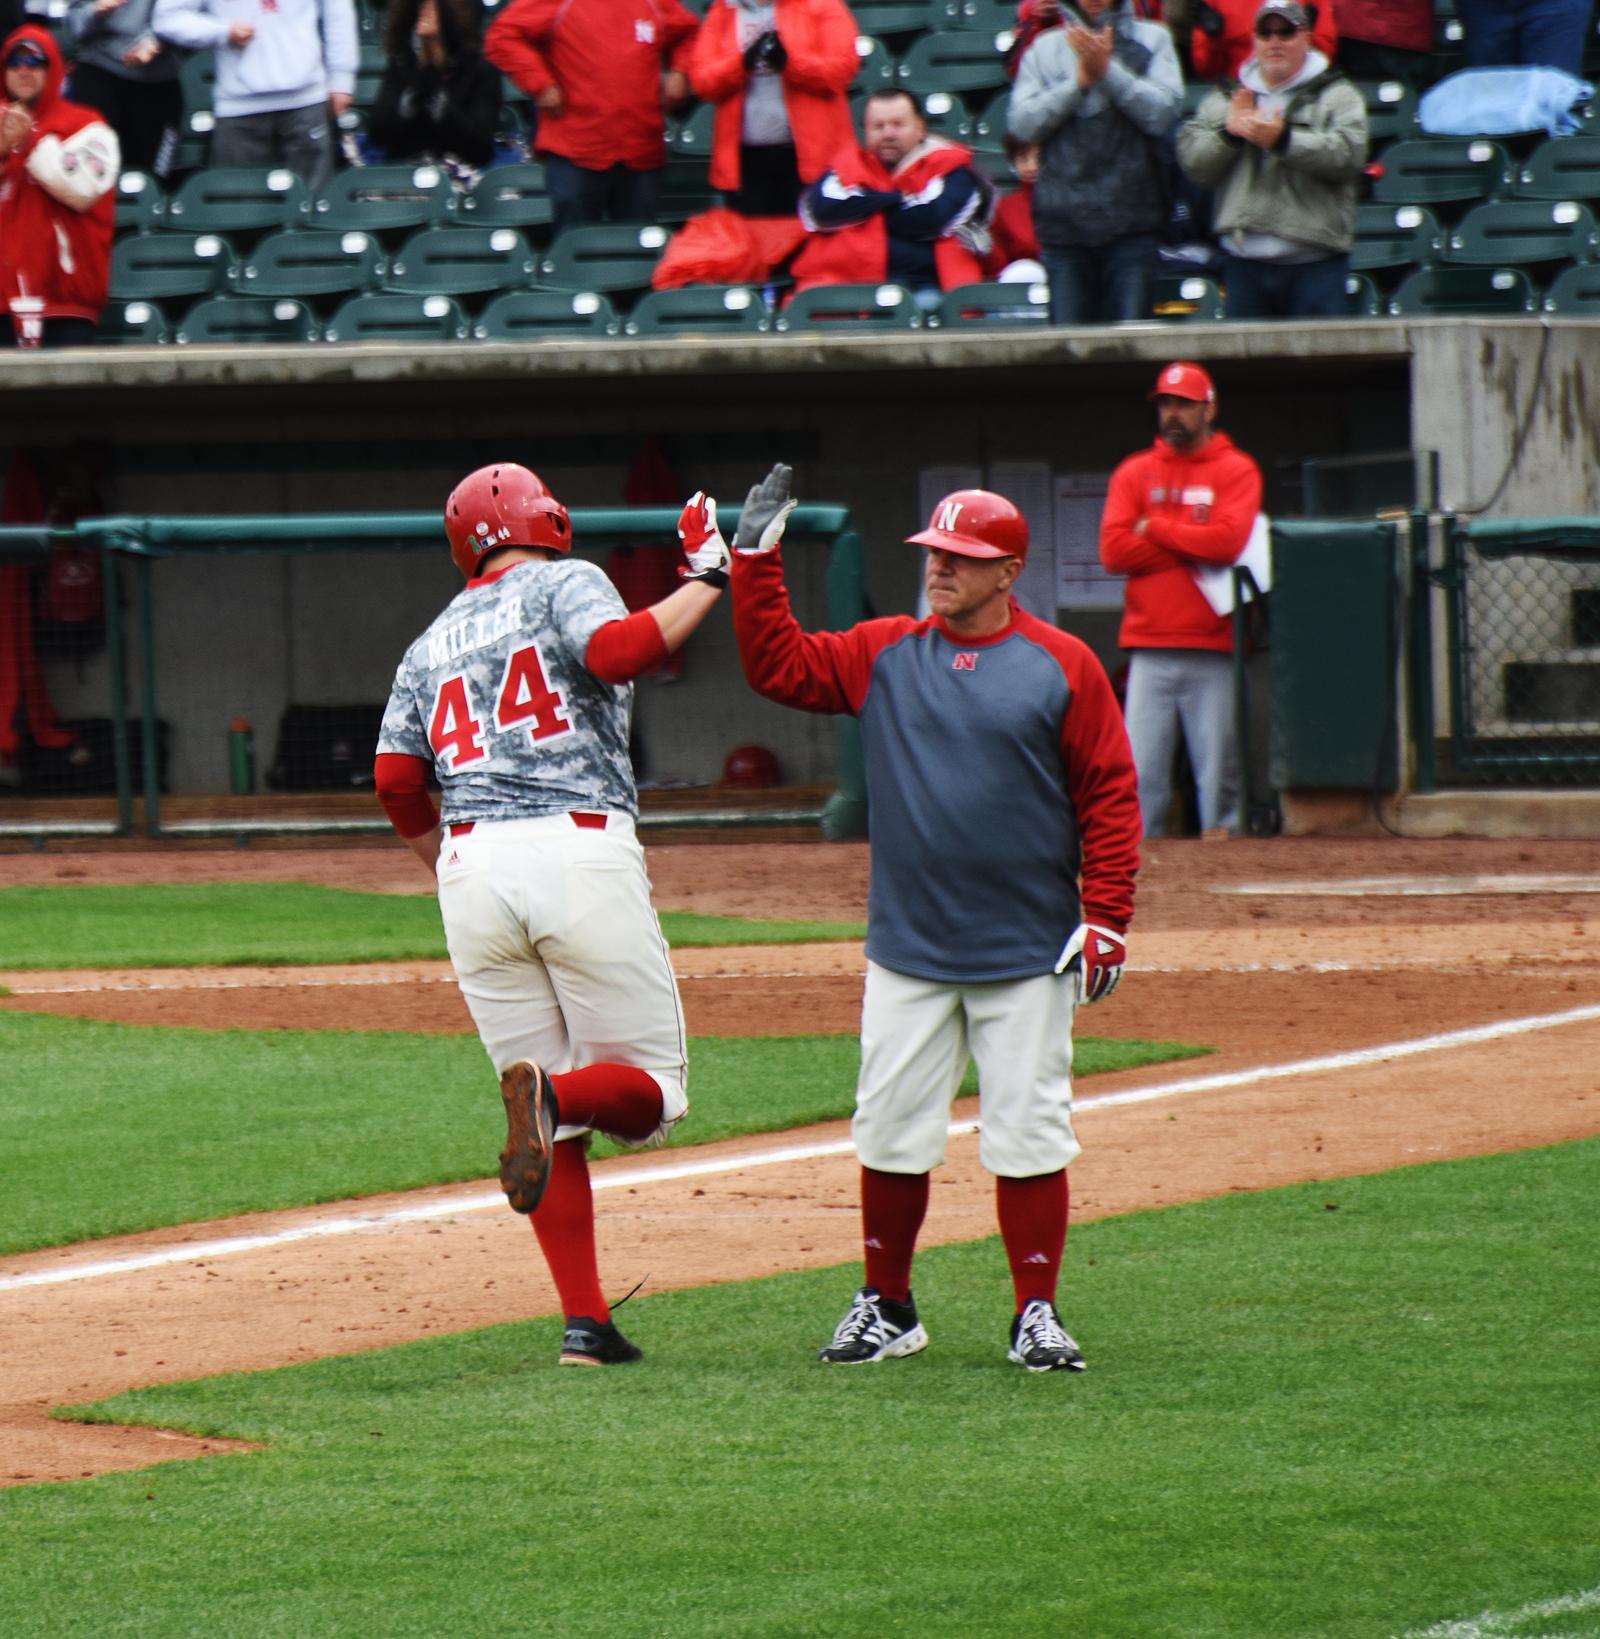 Ben Miller will look to continue his home run streak